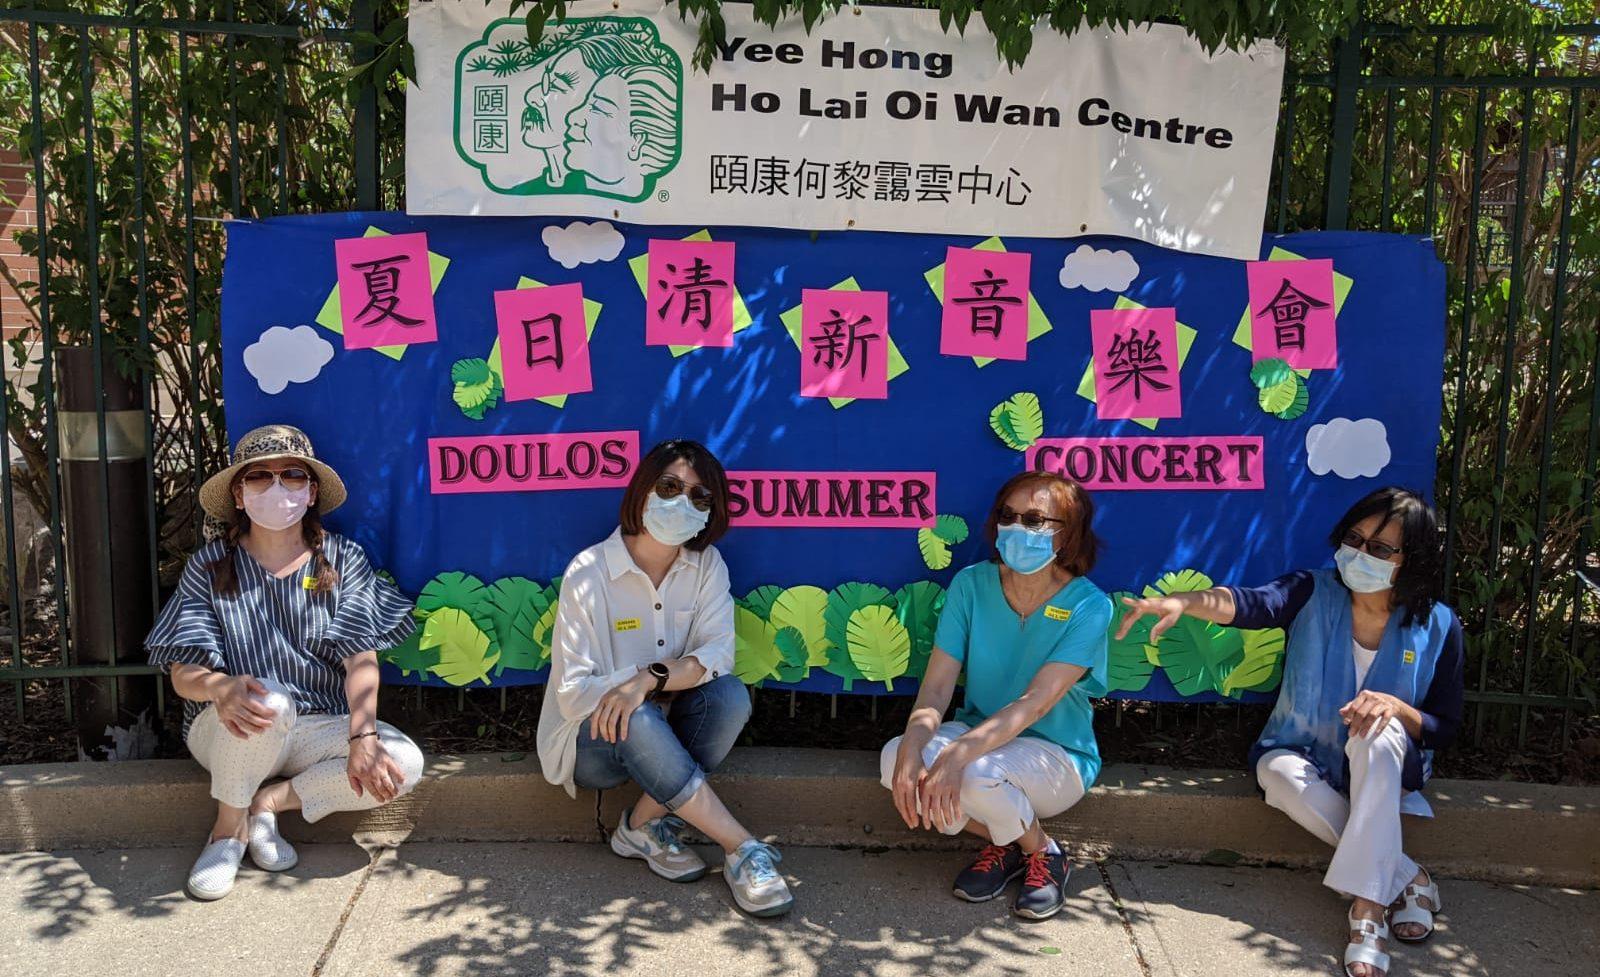 2020/07/06 Yee Hong 05